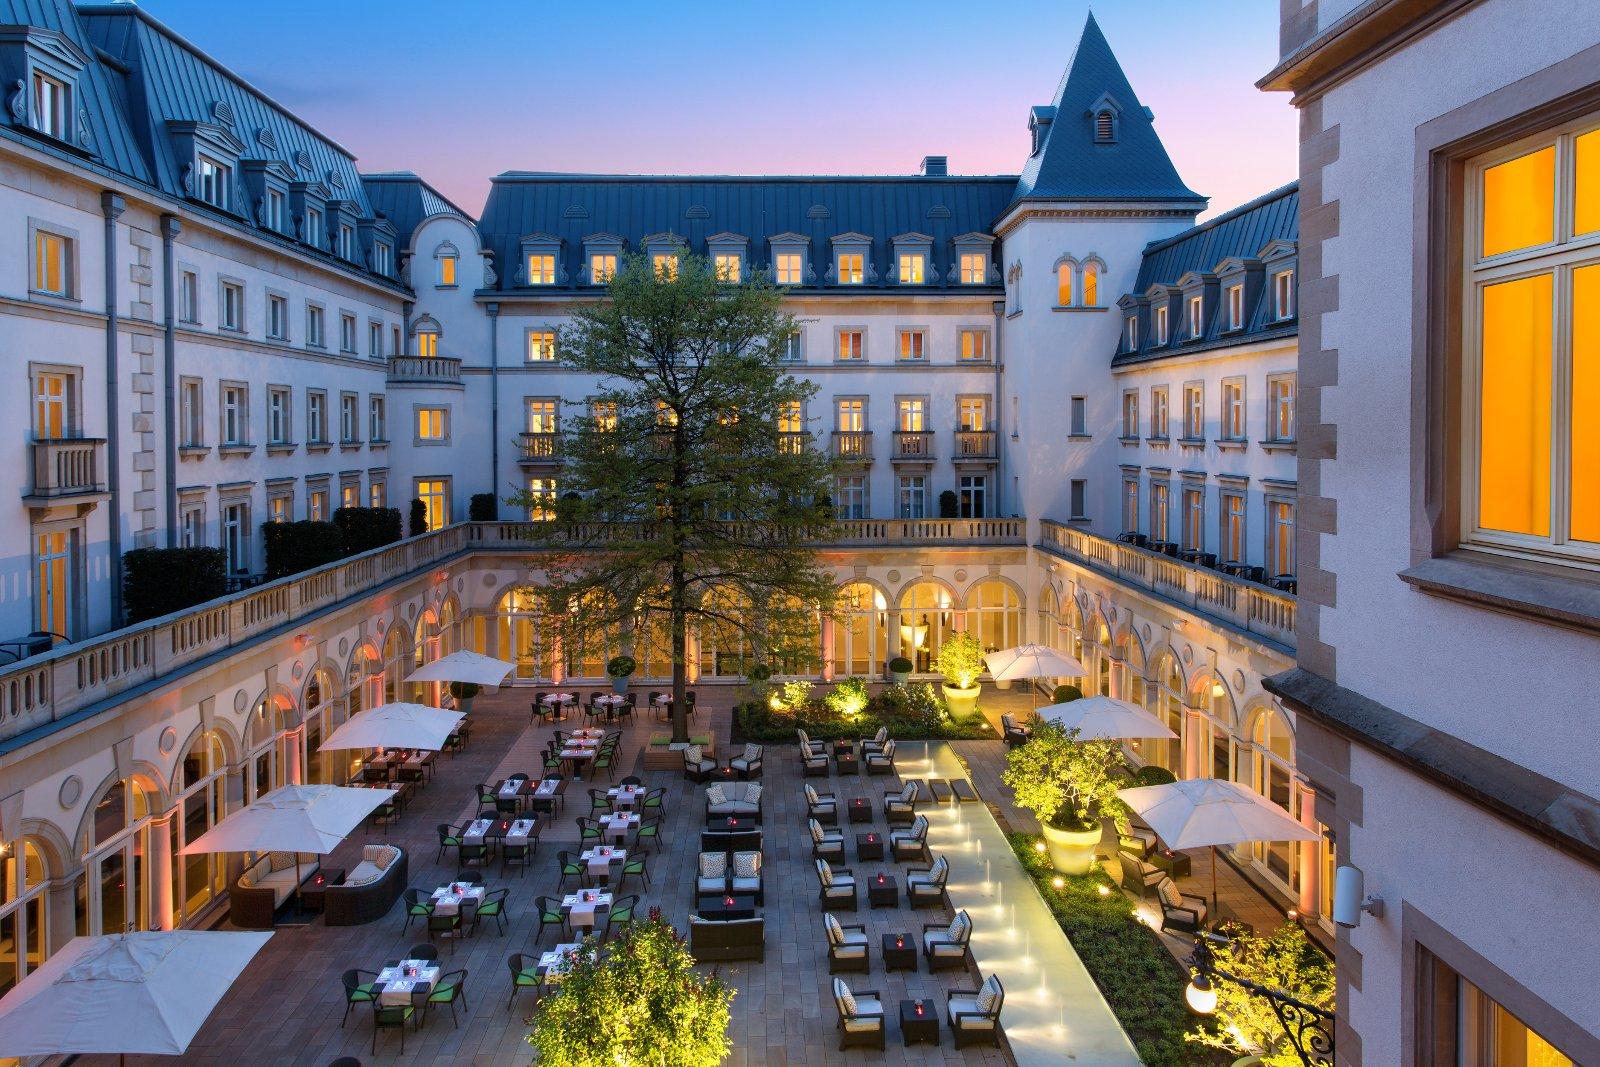 Villa Kennedy, a Rocco Forte Hotel im Stadtviertel Sachsenhause